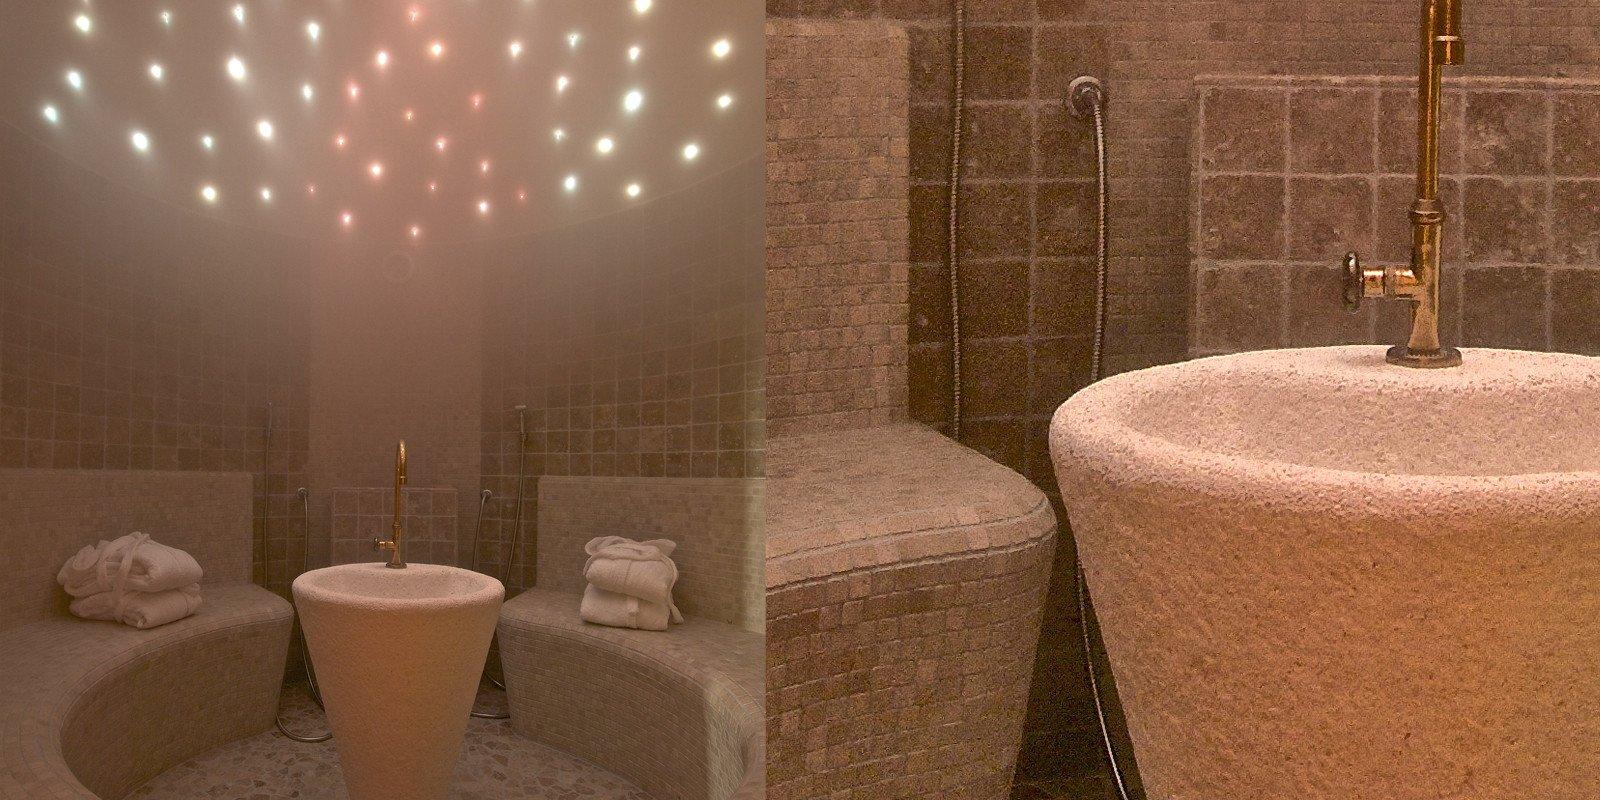 Progetta il tuo bagno turco aromatico wellness creation - Il bagno turco dipinto ...